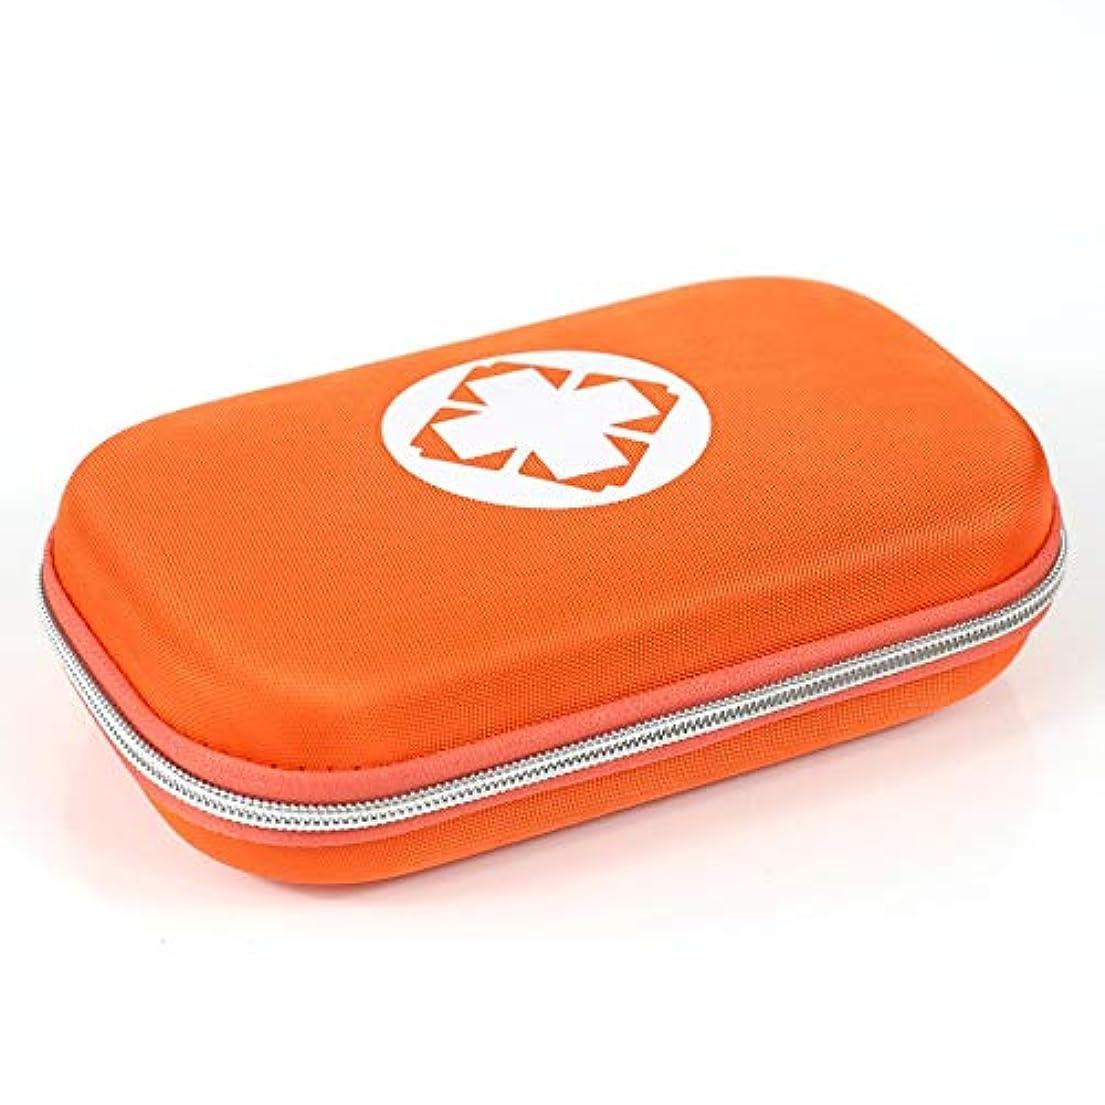 厚くする地雷原高架XKJPShop 救急箱 旅行薬箱応急処置キットポーチボックス、医療収納袋ポータブル医療パッケージ緊急医療キットサバイバル医療薬ポケット 応急処置ケース、家庭、職場、学校 (Color : Orange)